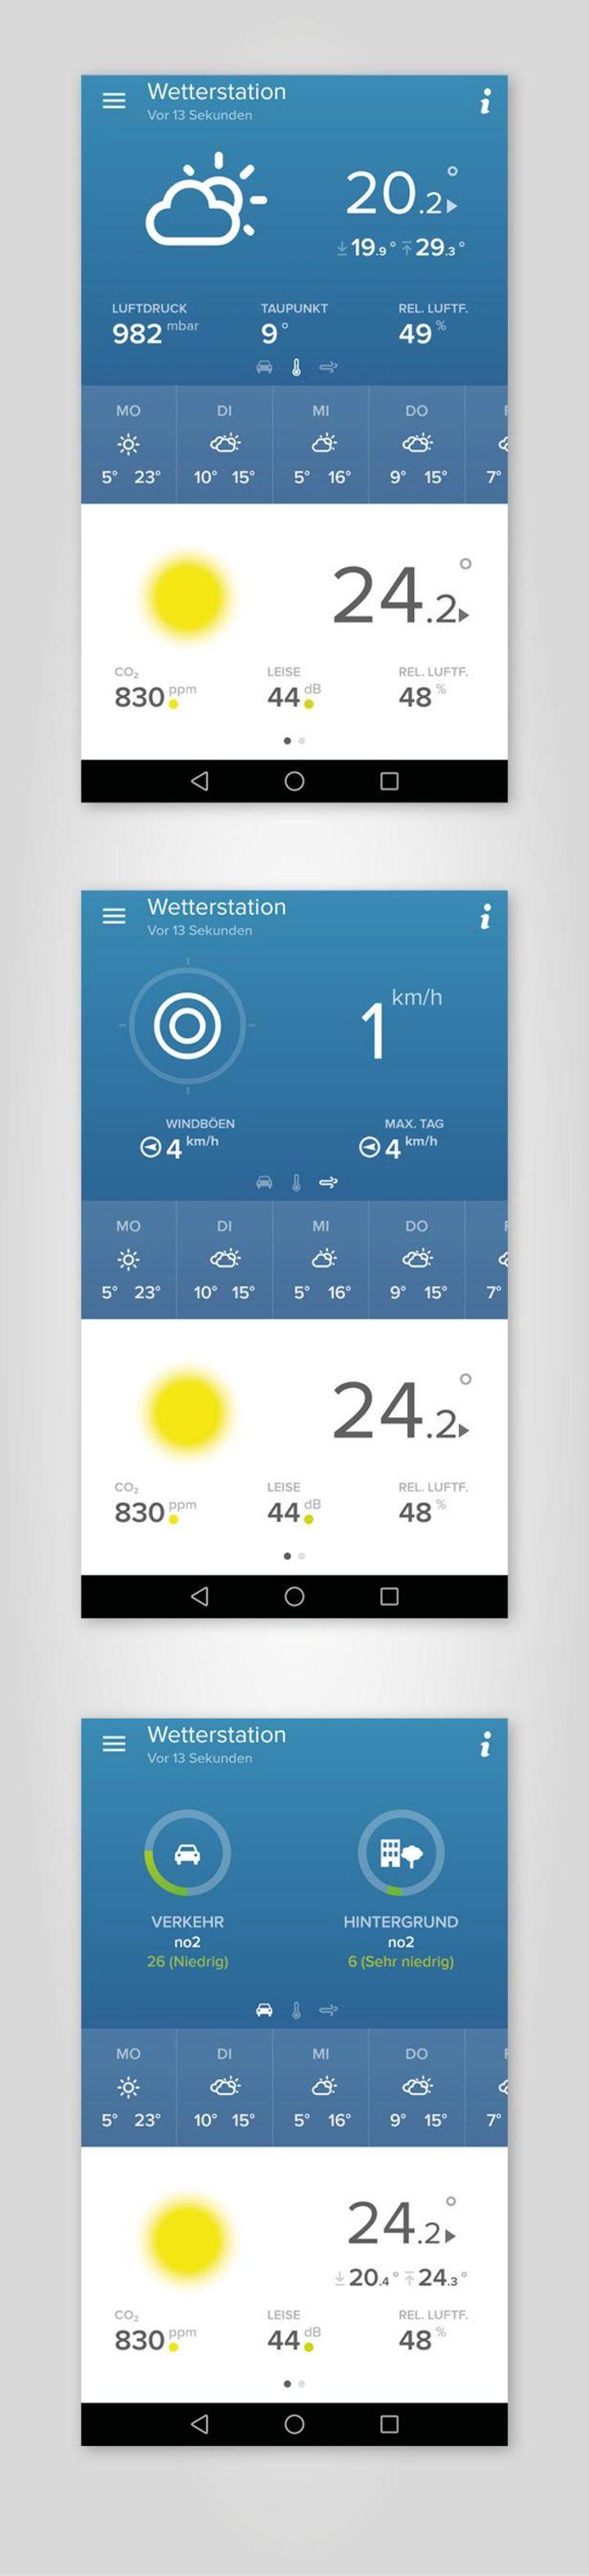 Die detailreichen und umfassenden Informationen der verschiedenen Komponenten lassen sich intuitiv und übersichtlich in der App auswerten.